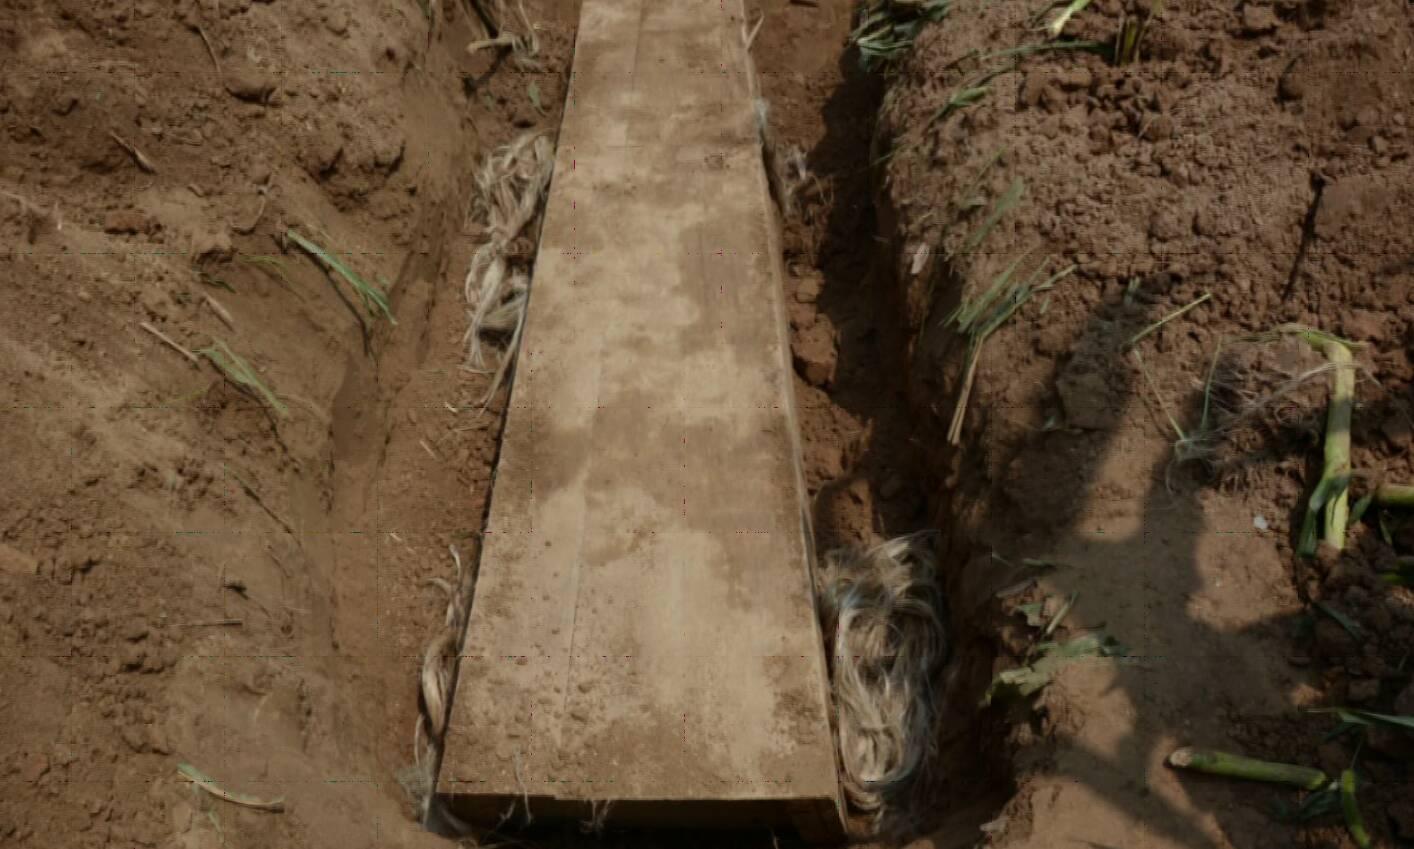 青岛杀人菏泽老家抛尸 他把情人偷埋在了玉米地 一口棺材成破案关键